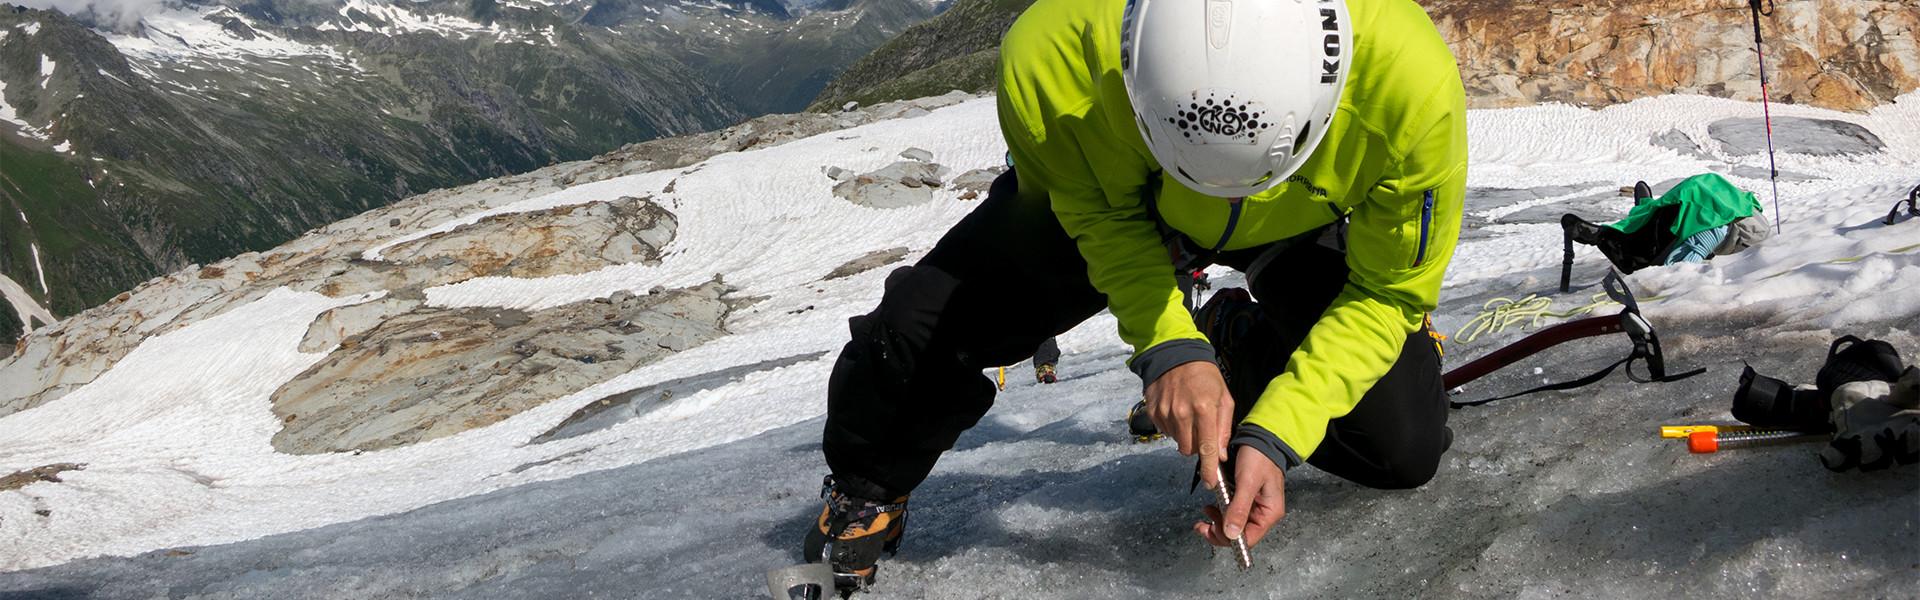 Bergsteiger mit Eisschraube auf Gletscher